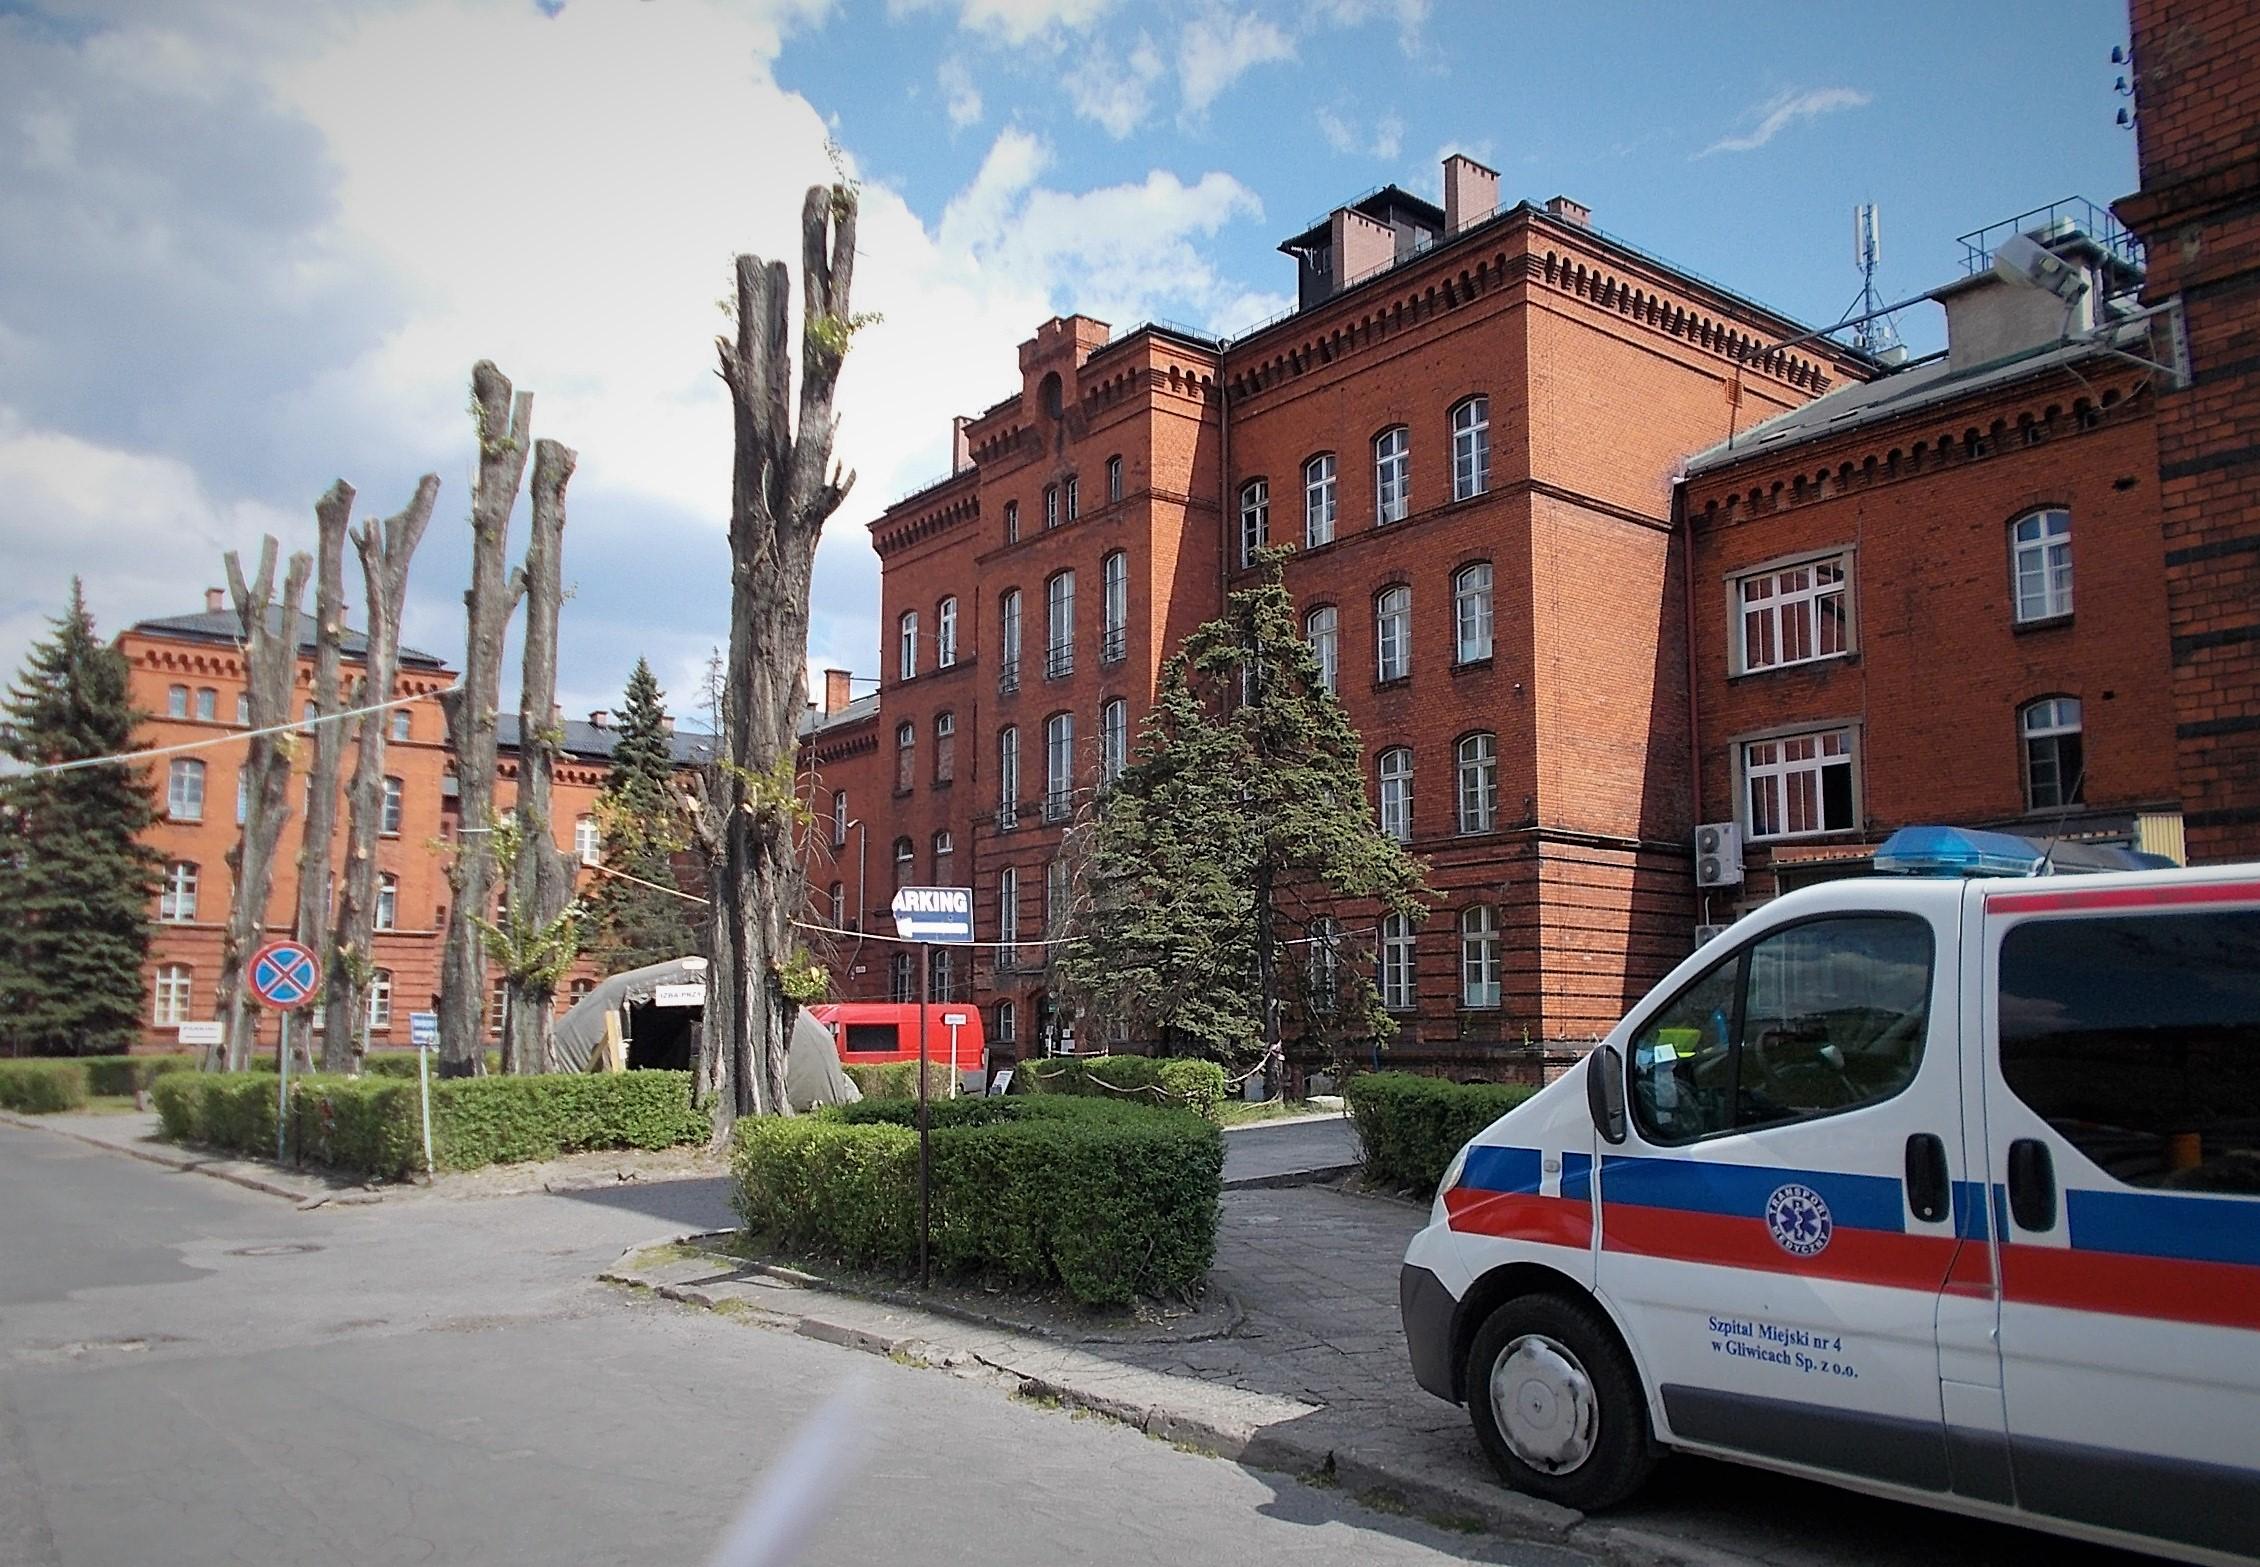 Szpital Miejski nr 4 przy ul. Zygmunta Starego